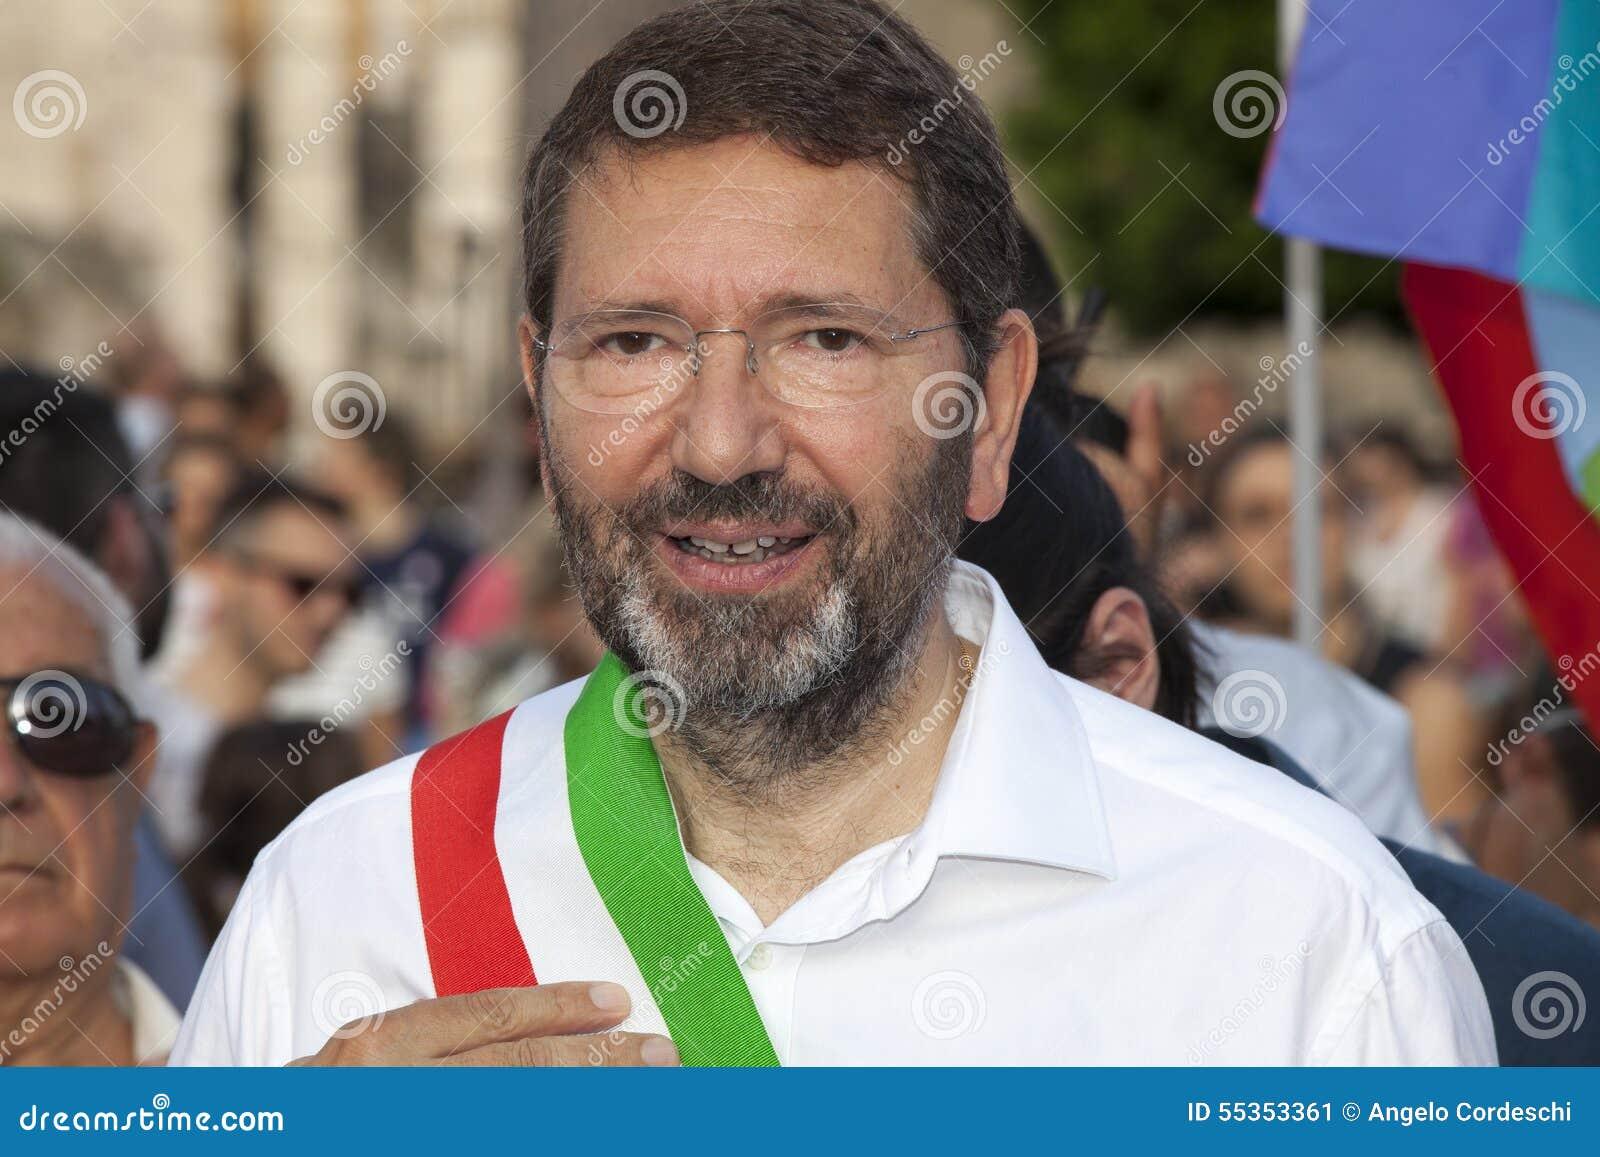 Orgoglio di Roma 2015 - gay Pride Italy - il sindaco di Roma Marino all inizio della parata